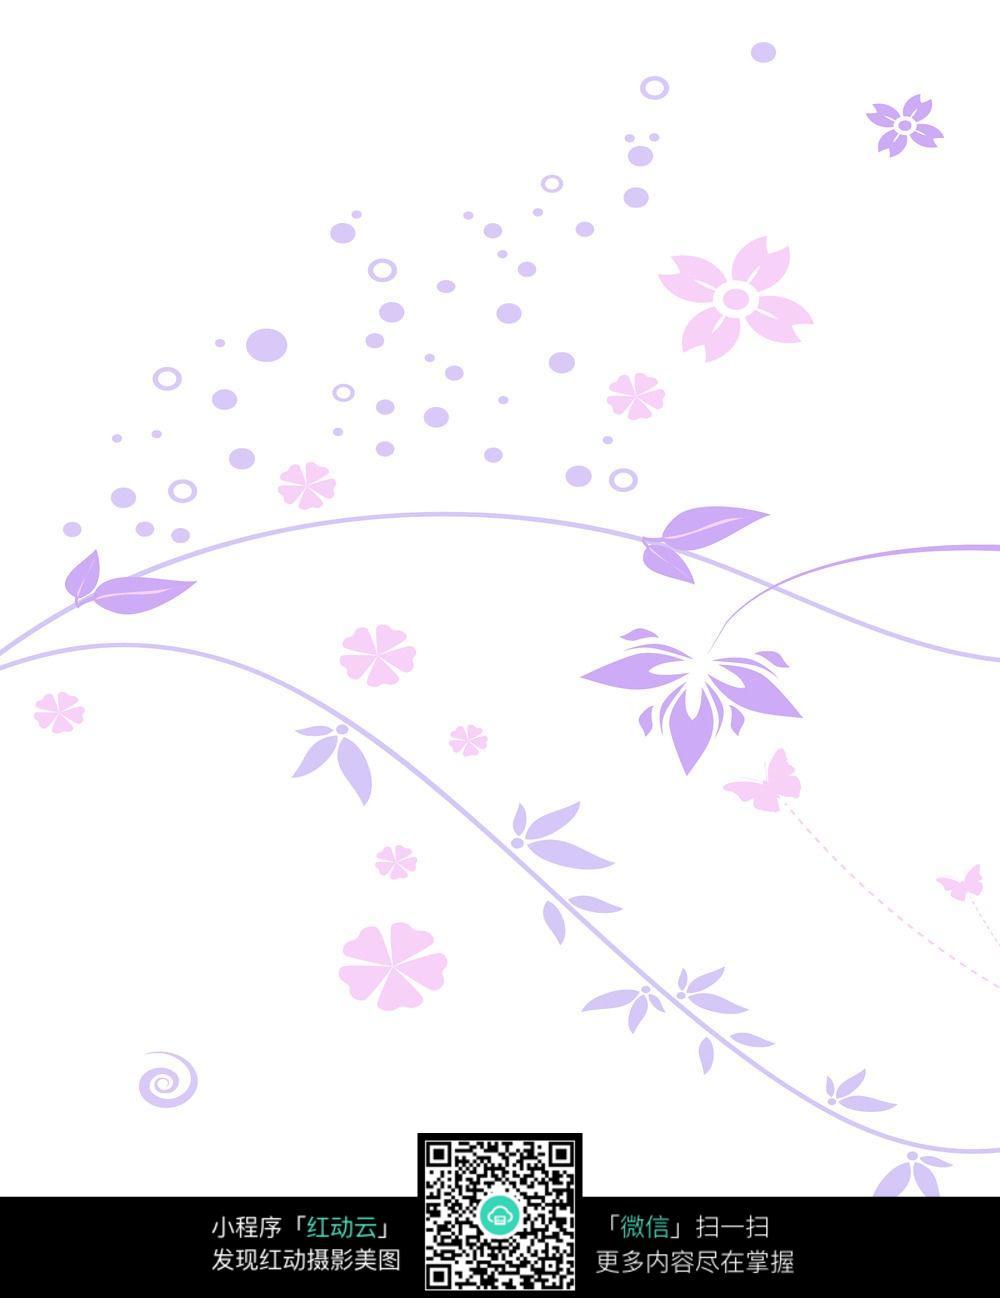 白色柳叶背景图片